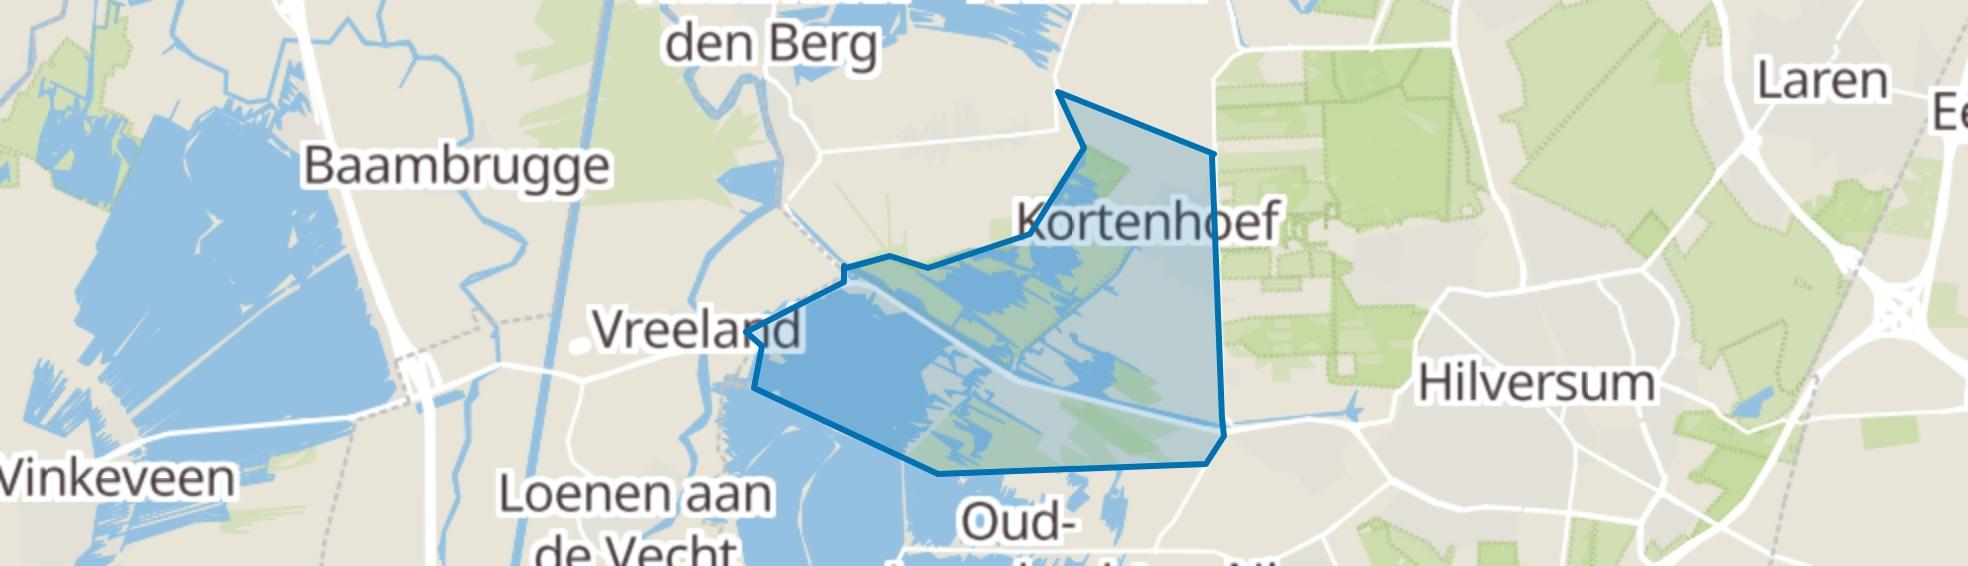 Kortenhoef map